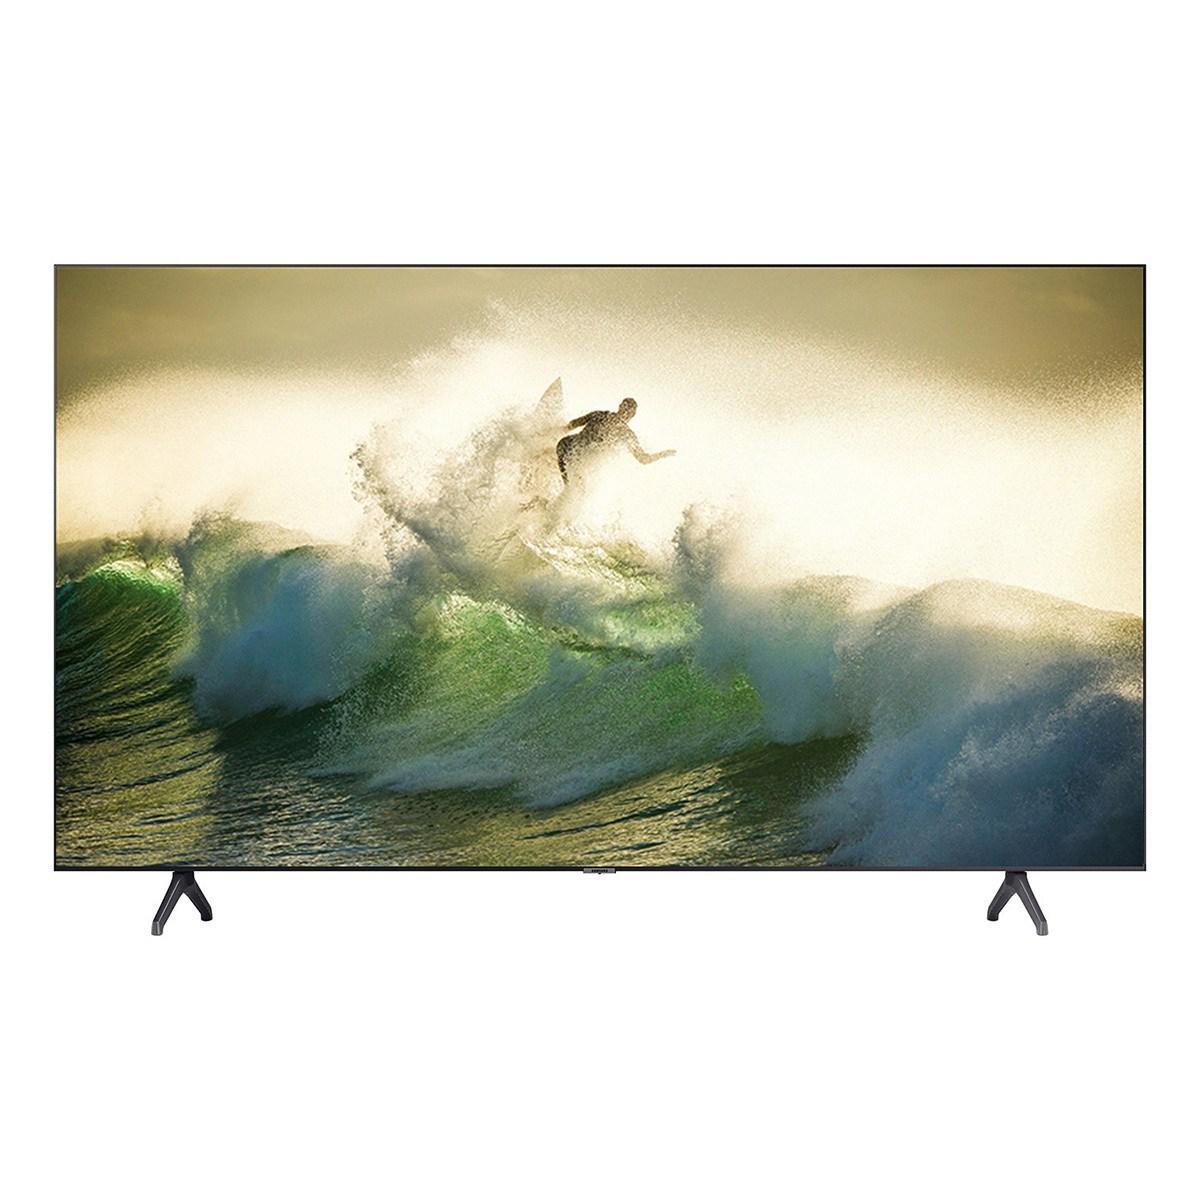 삼성 UHD TV KU50UT7000FXKR 125cm(50), 스탠드형, 방문설치